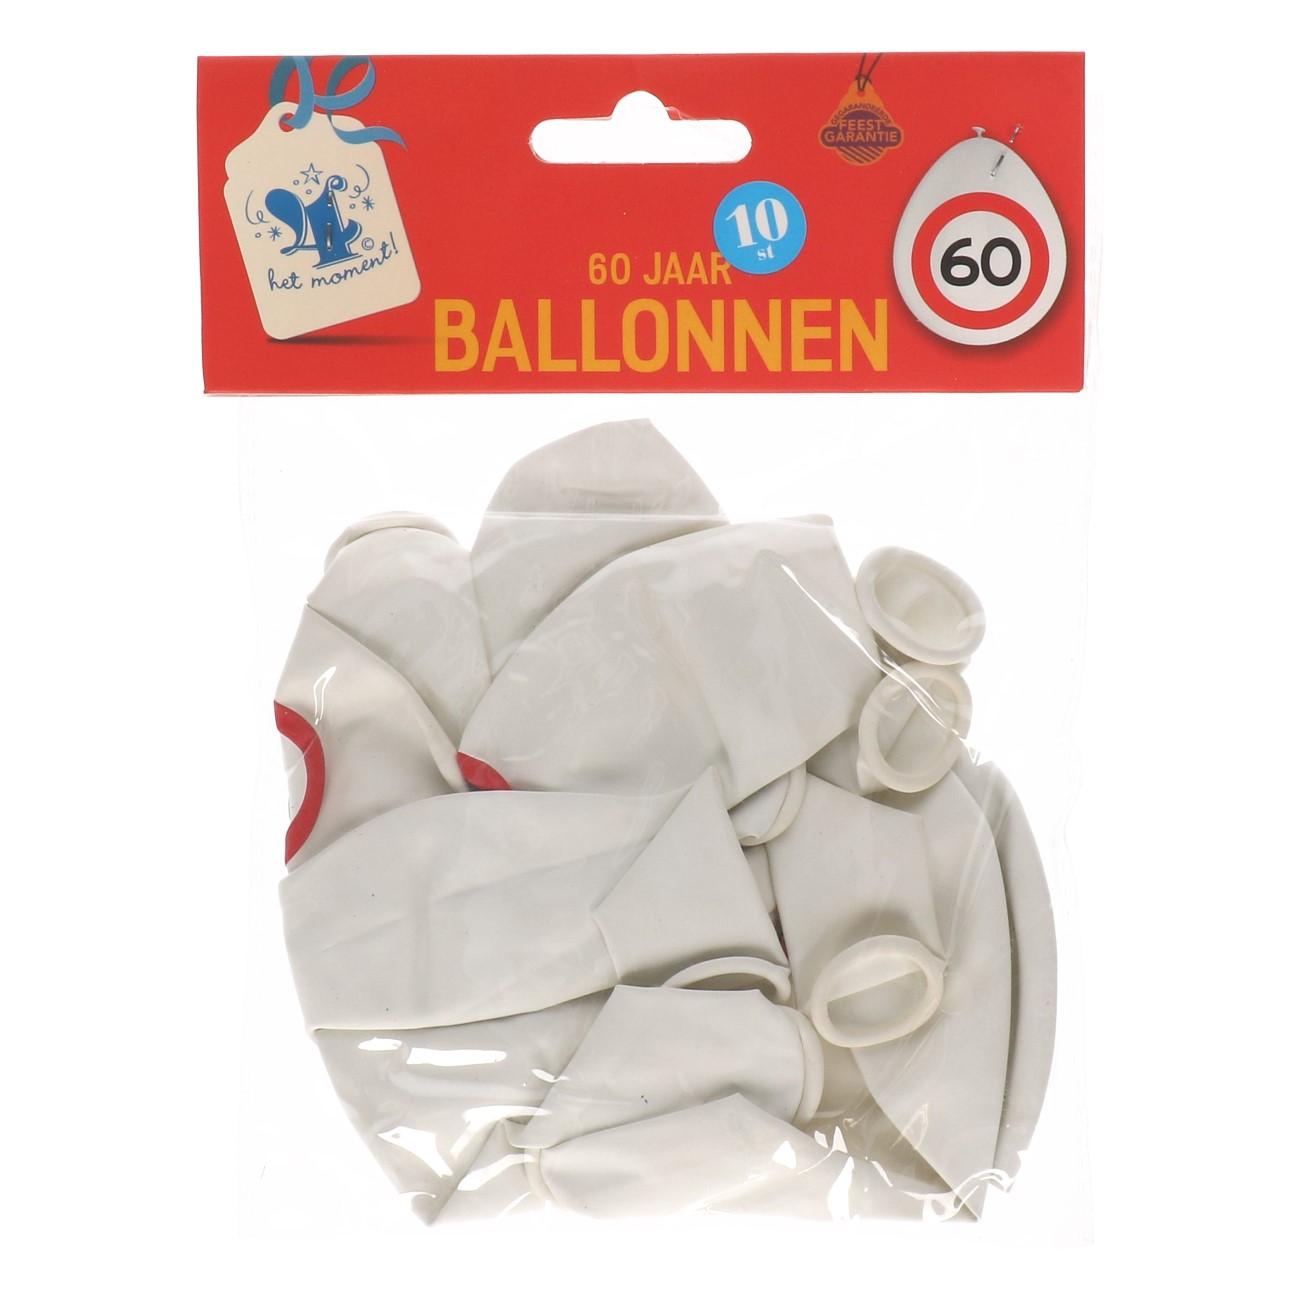 Ballonnen 60 jaar 10 stuks verkeersbord